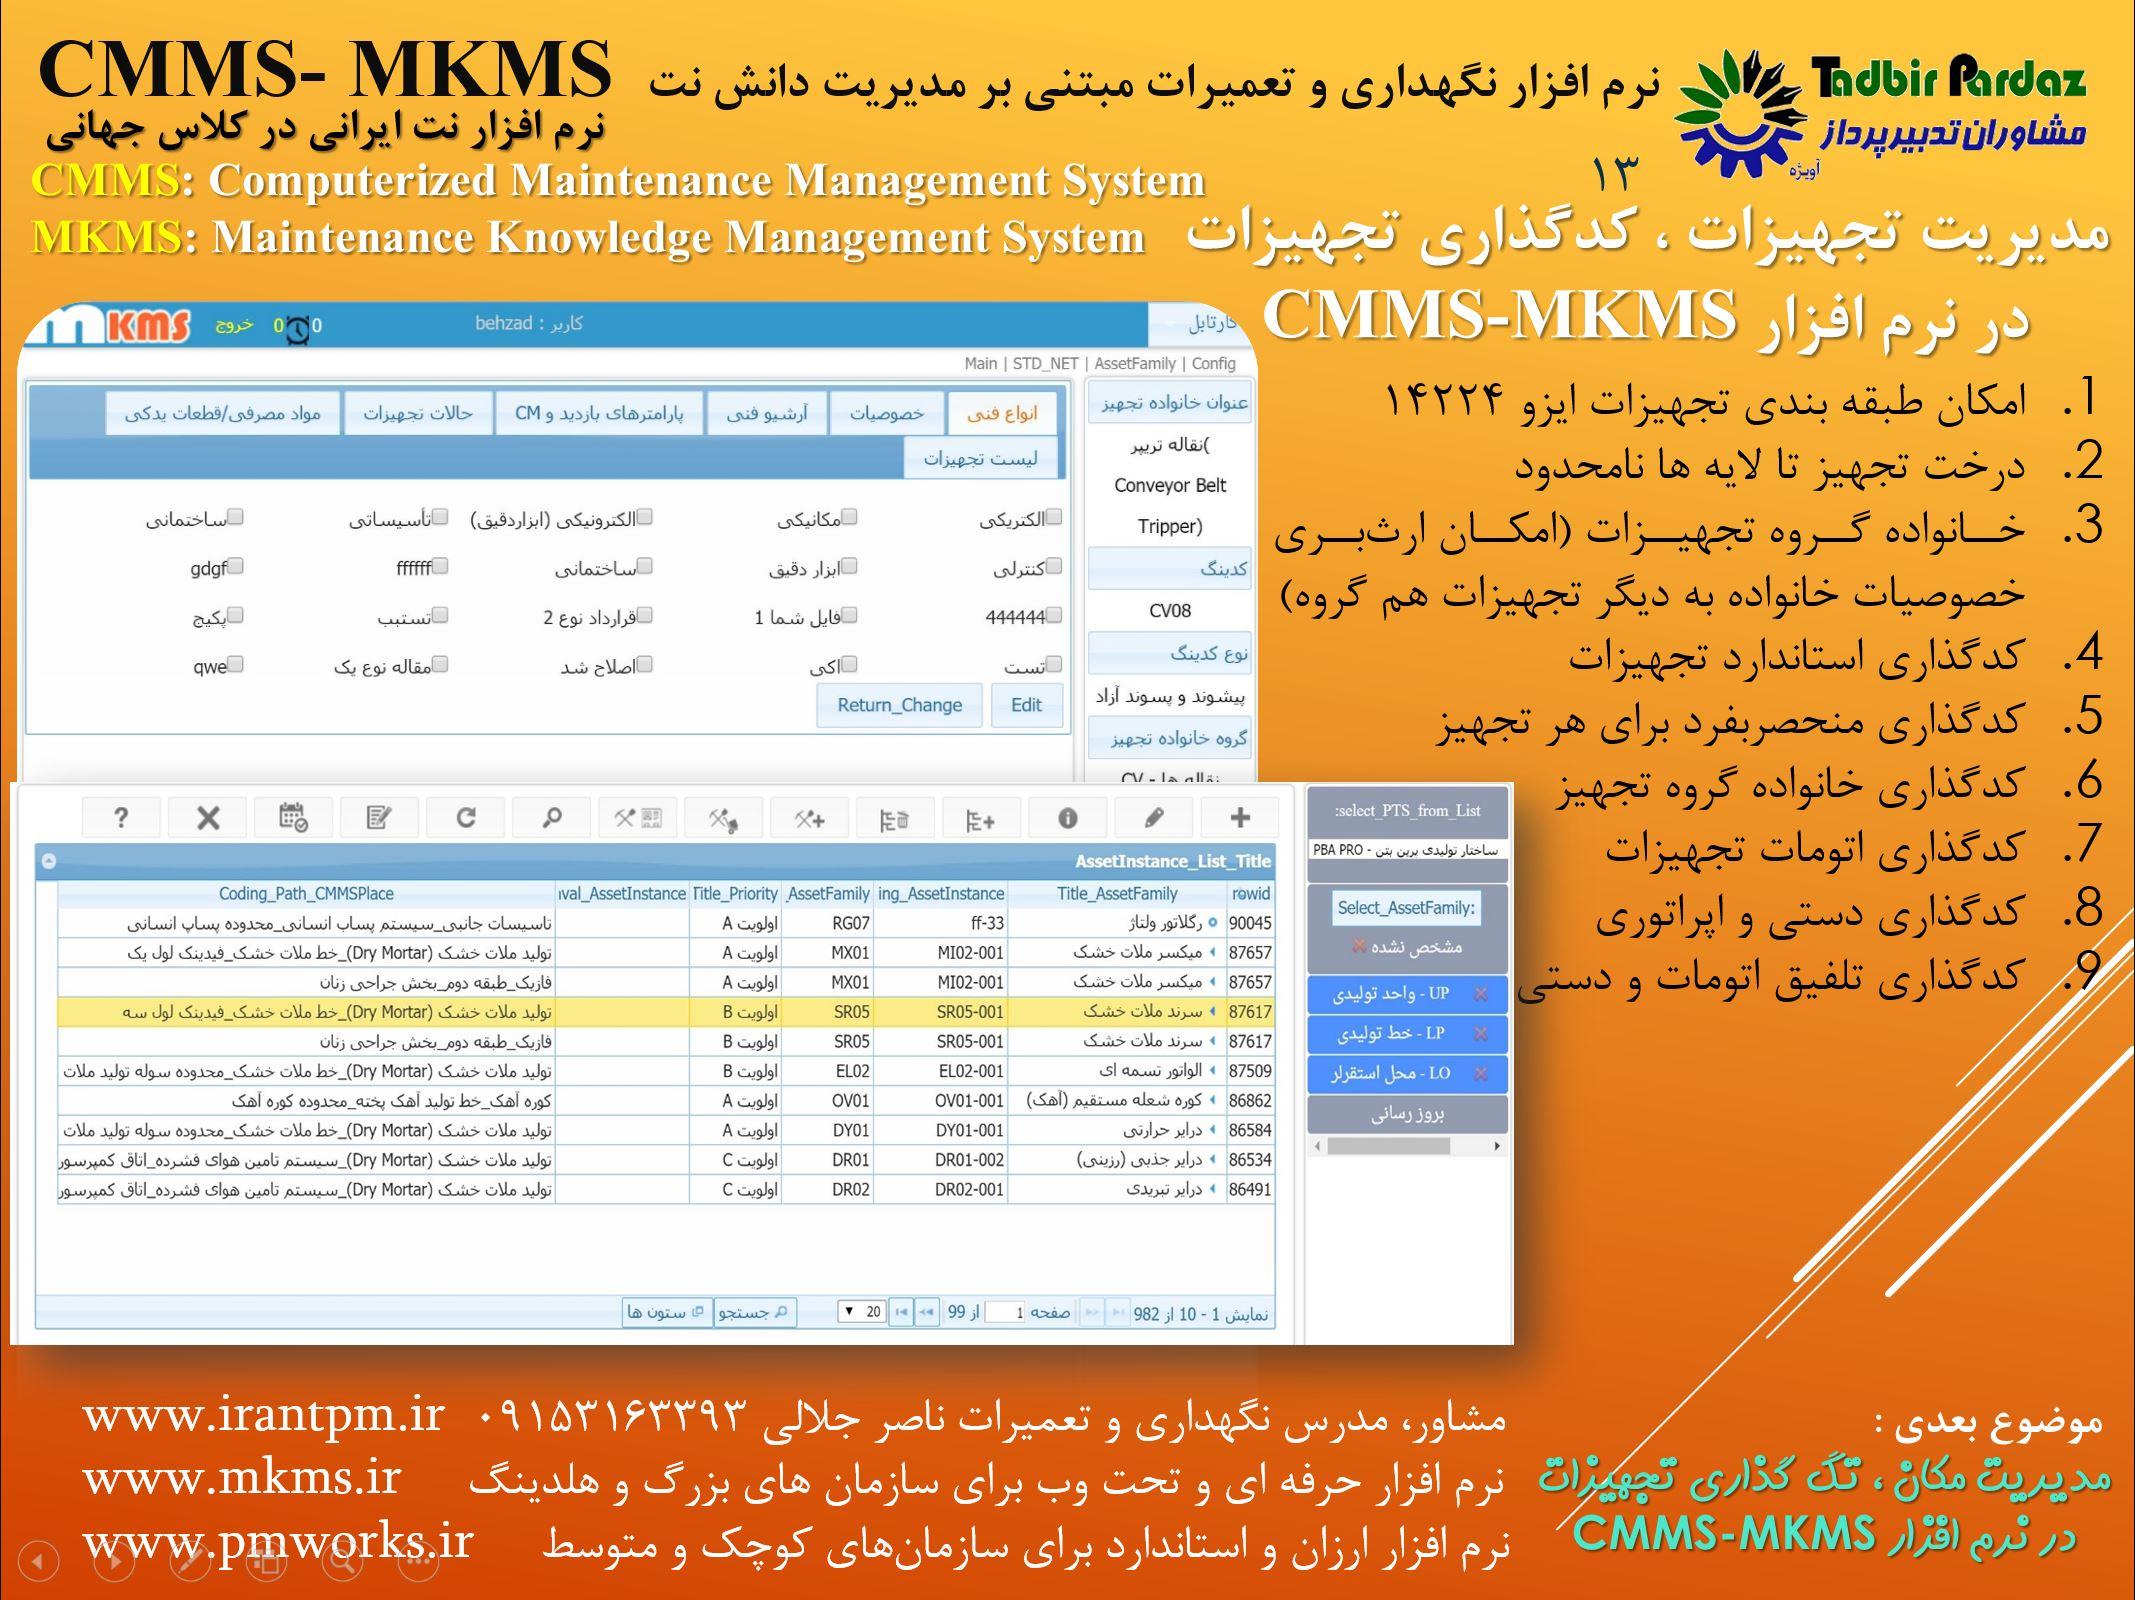 CMMS 14 MKMS Jalali  09153163393